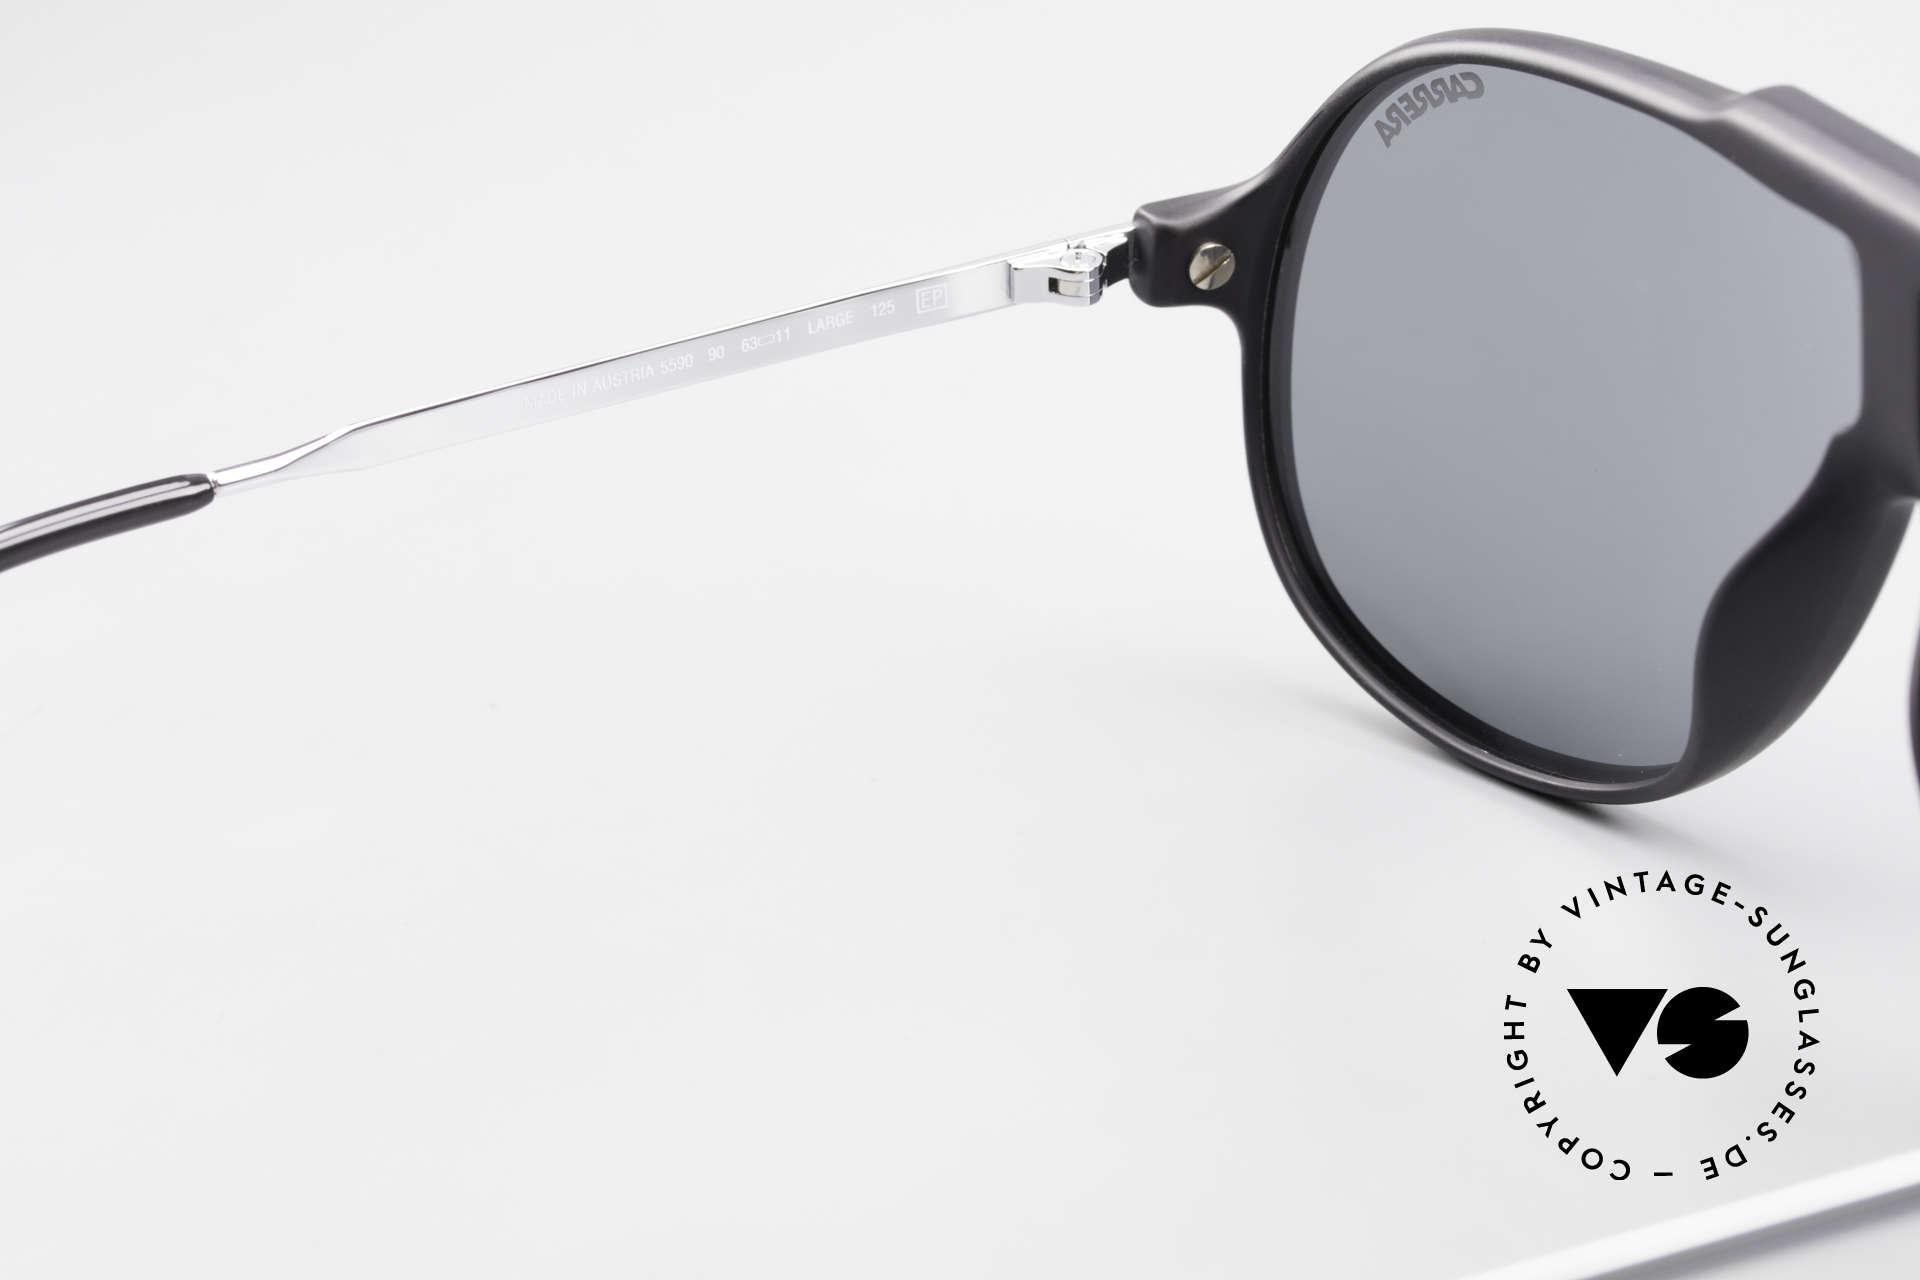 Carrera 5590 80er 90er Brille Polarisierend, ungetragen (wie alle unsere 80er Carrera Sonnenbrillen), Passend für Herren